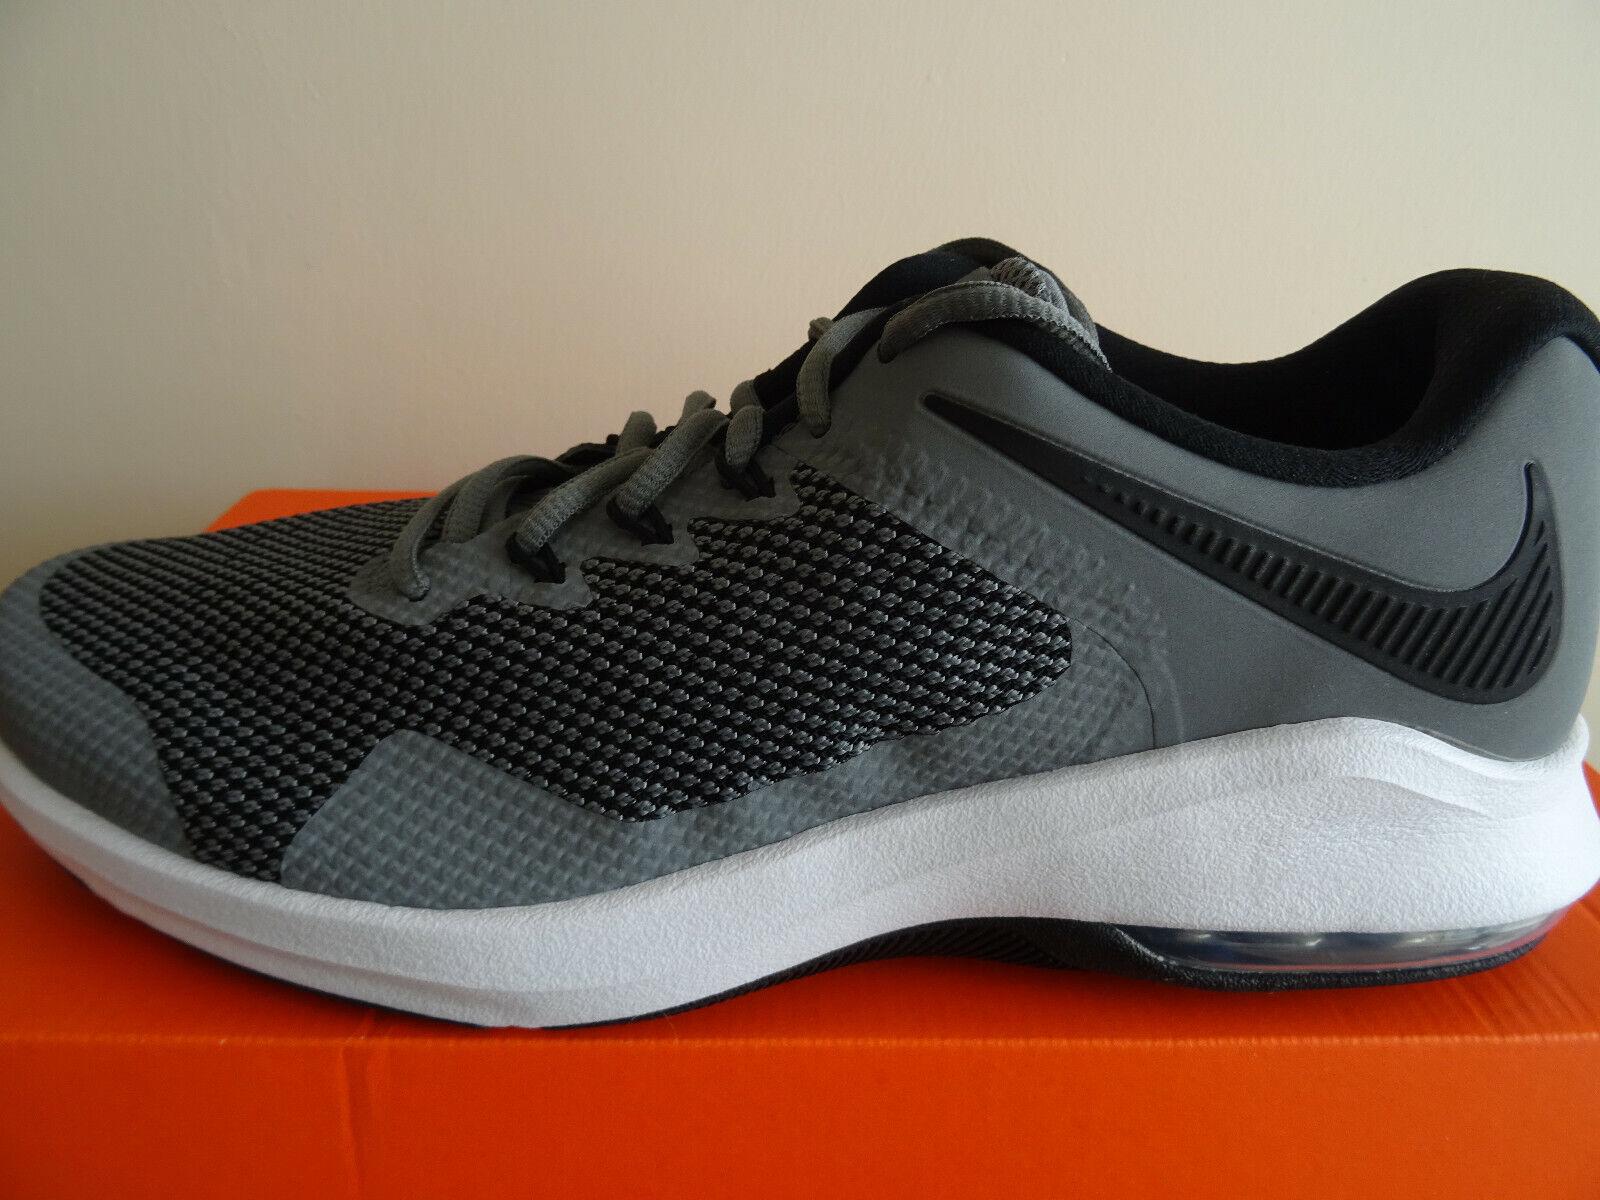 Nike Air Max Aplha Trainer schuhe trainers AA7060 020 uk 8 eu 42.5 us 9 NEW + BOX